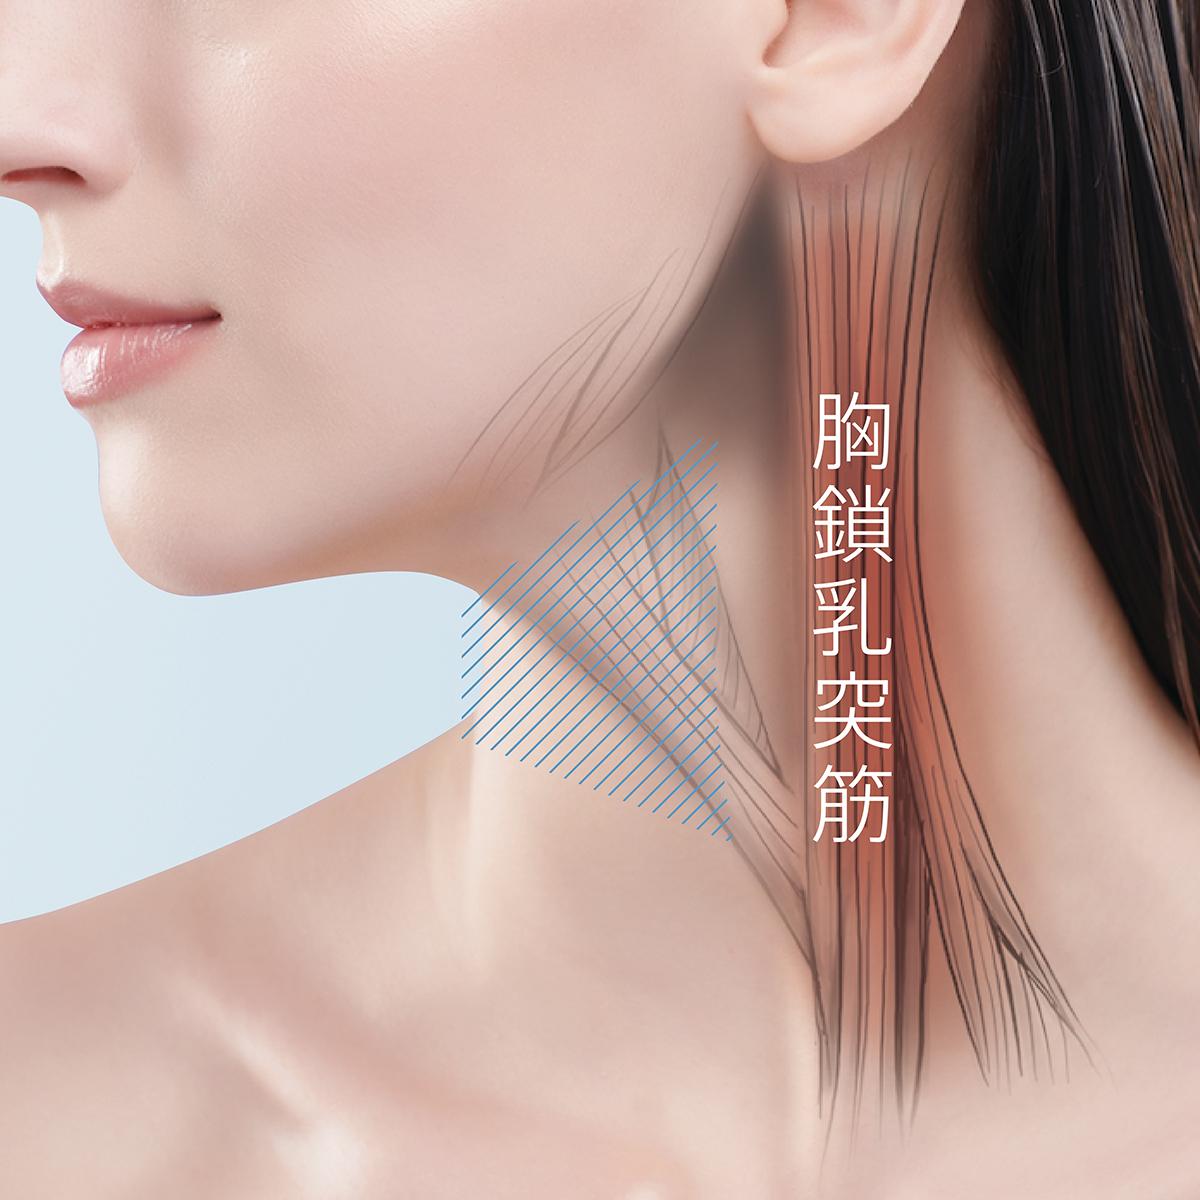 突筋 乳 胸 鎖